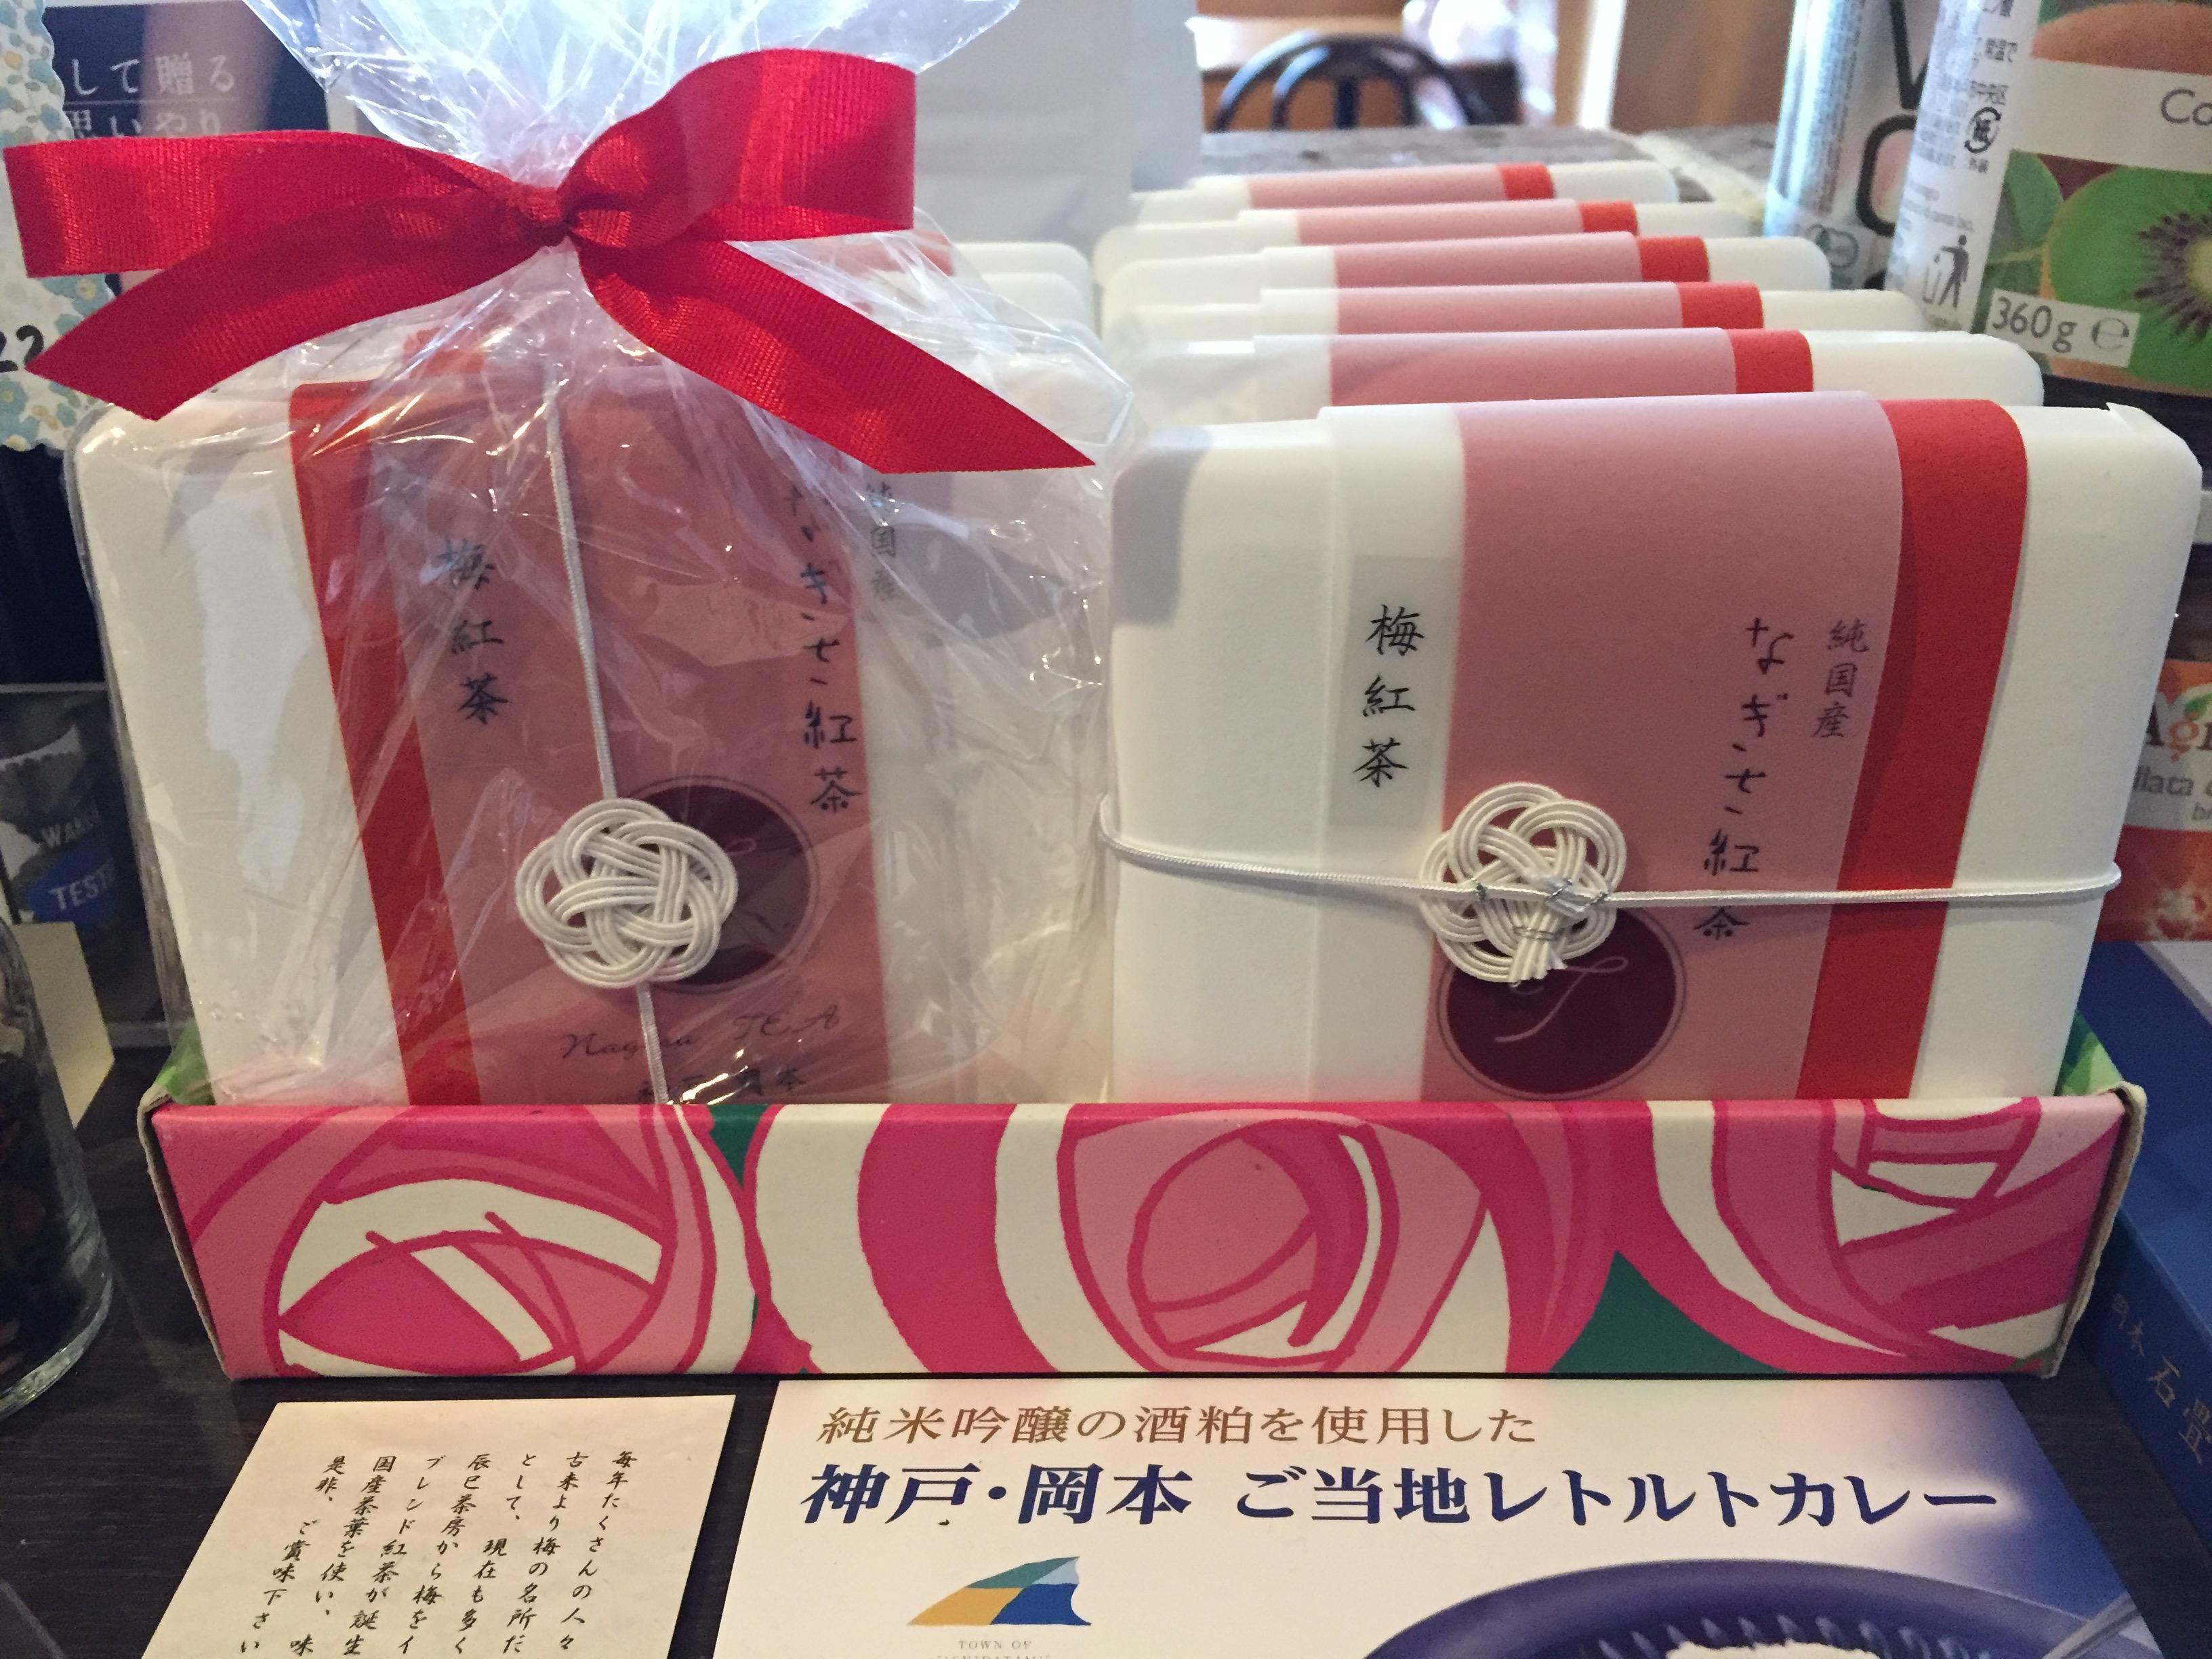 岡本商店街と甲南大学がコラボした「岡本梅紅茶」は「辰巳茶房」で購入できるよ【※東灘のおすすめ】